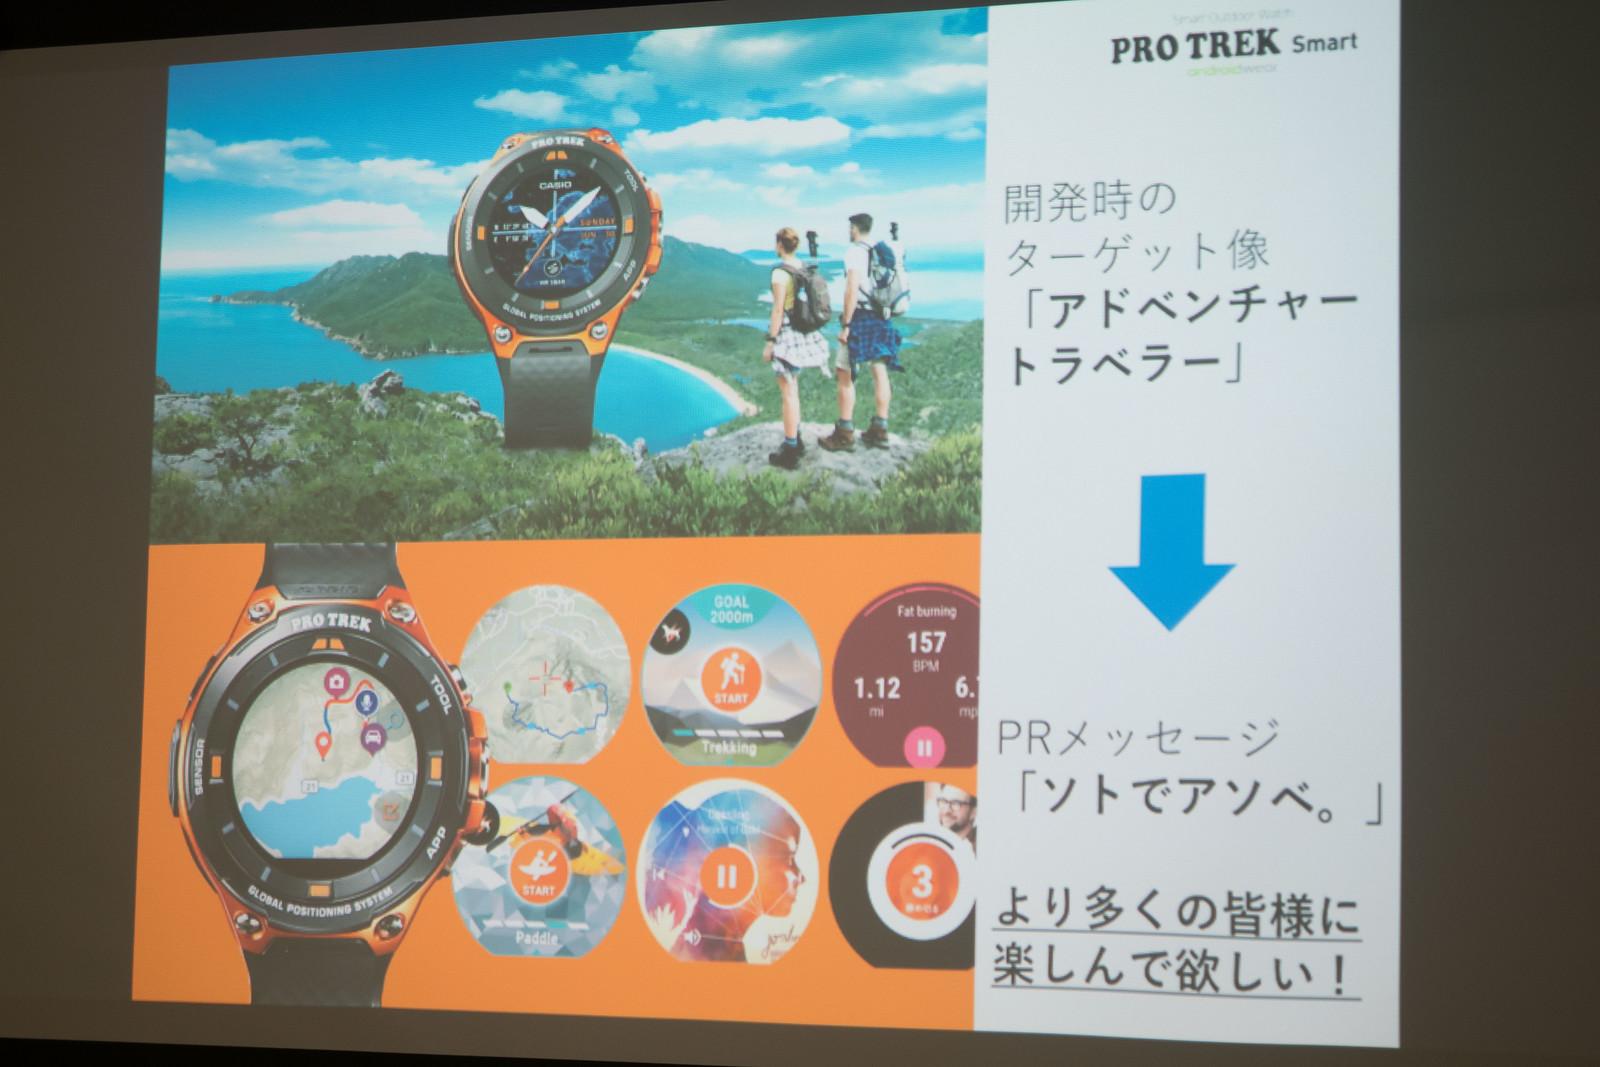 PRO_TREK_Smart-32